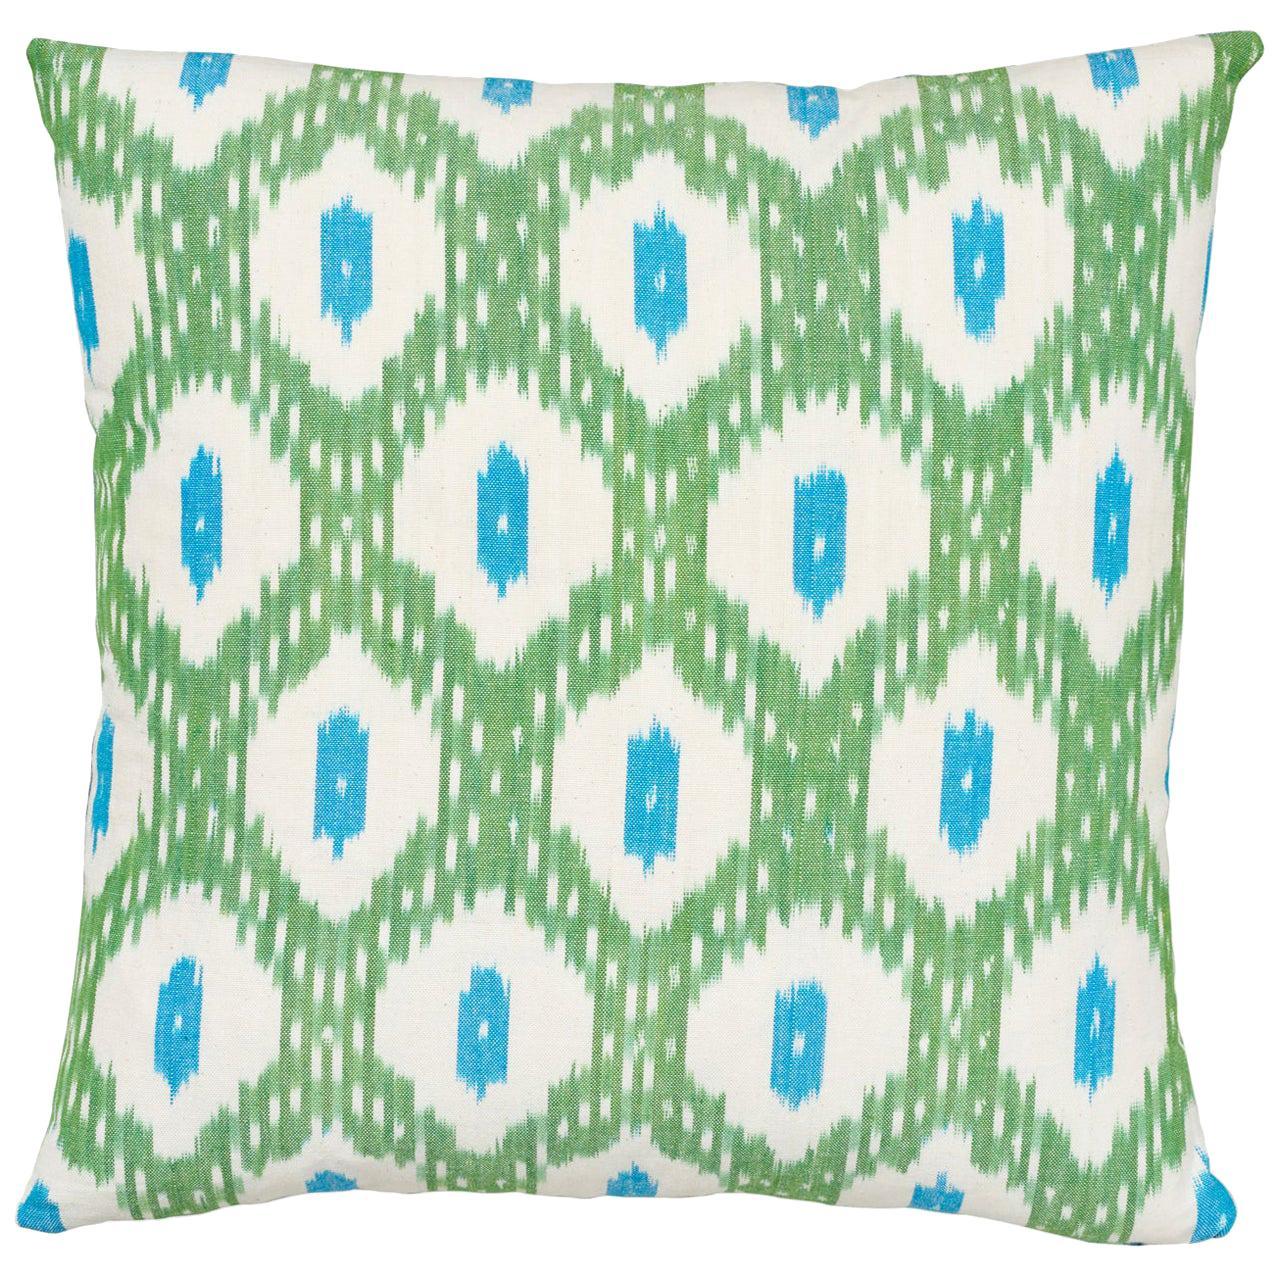 Schumacher Indio Ikat Green Cotton Pillow